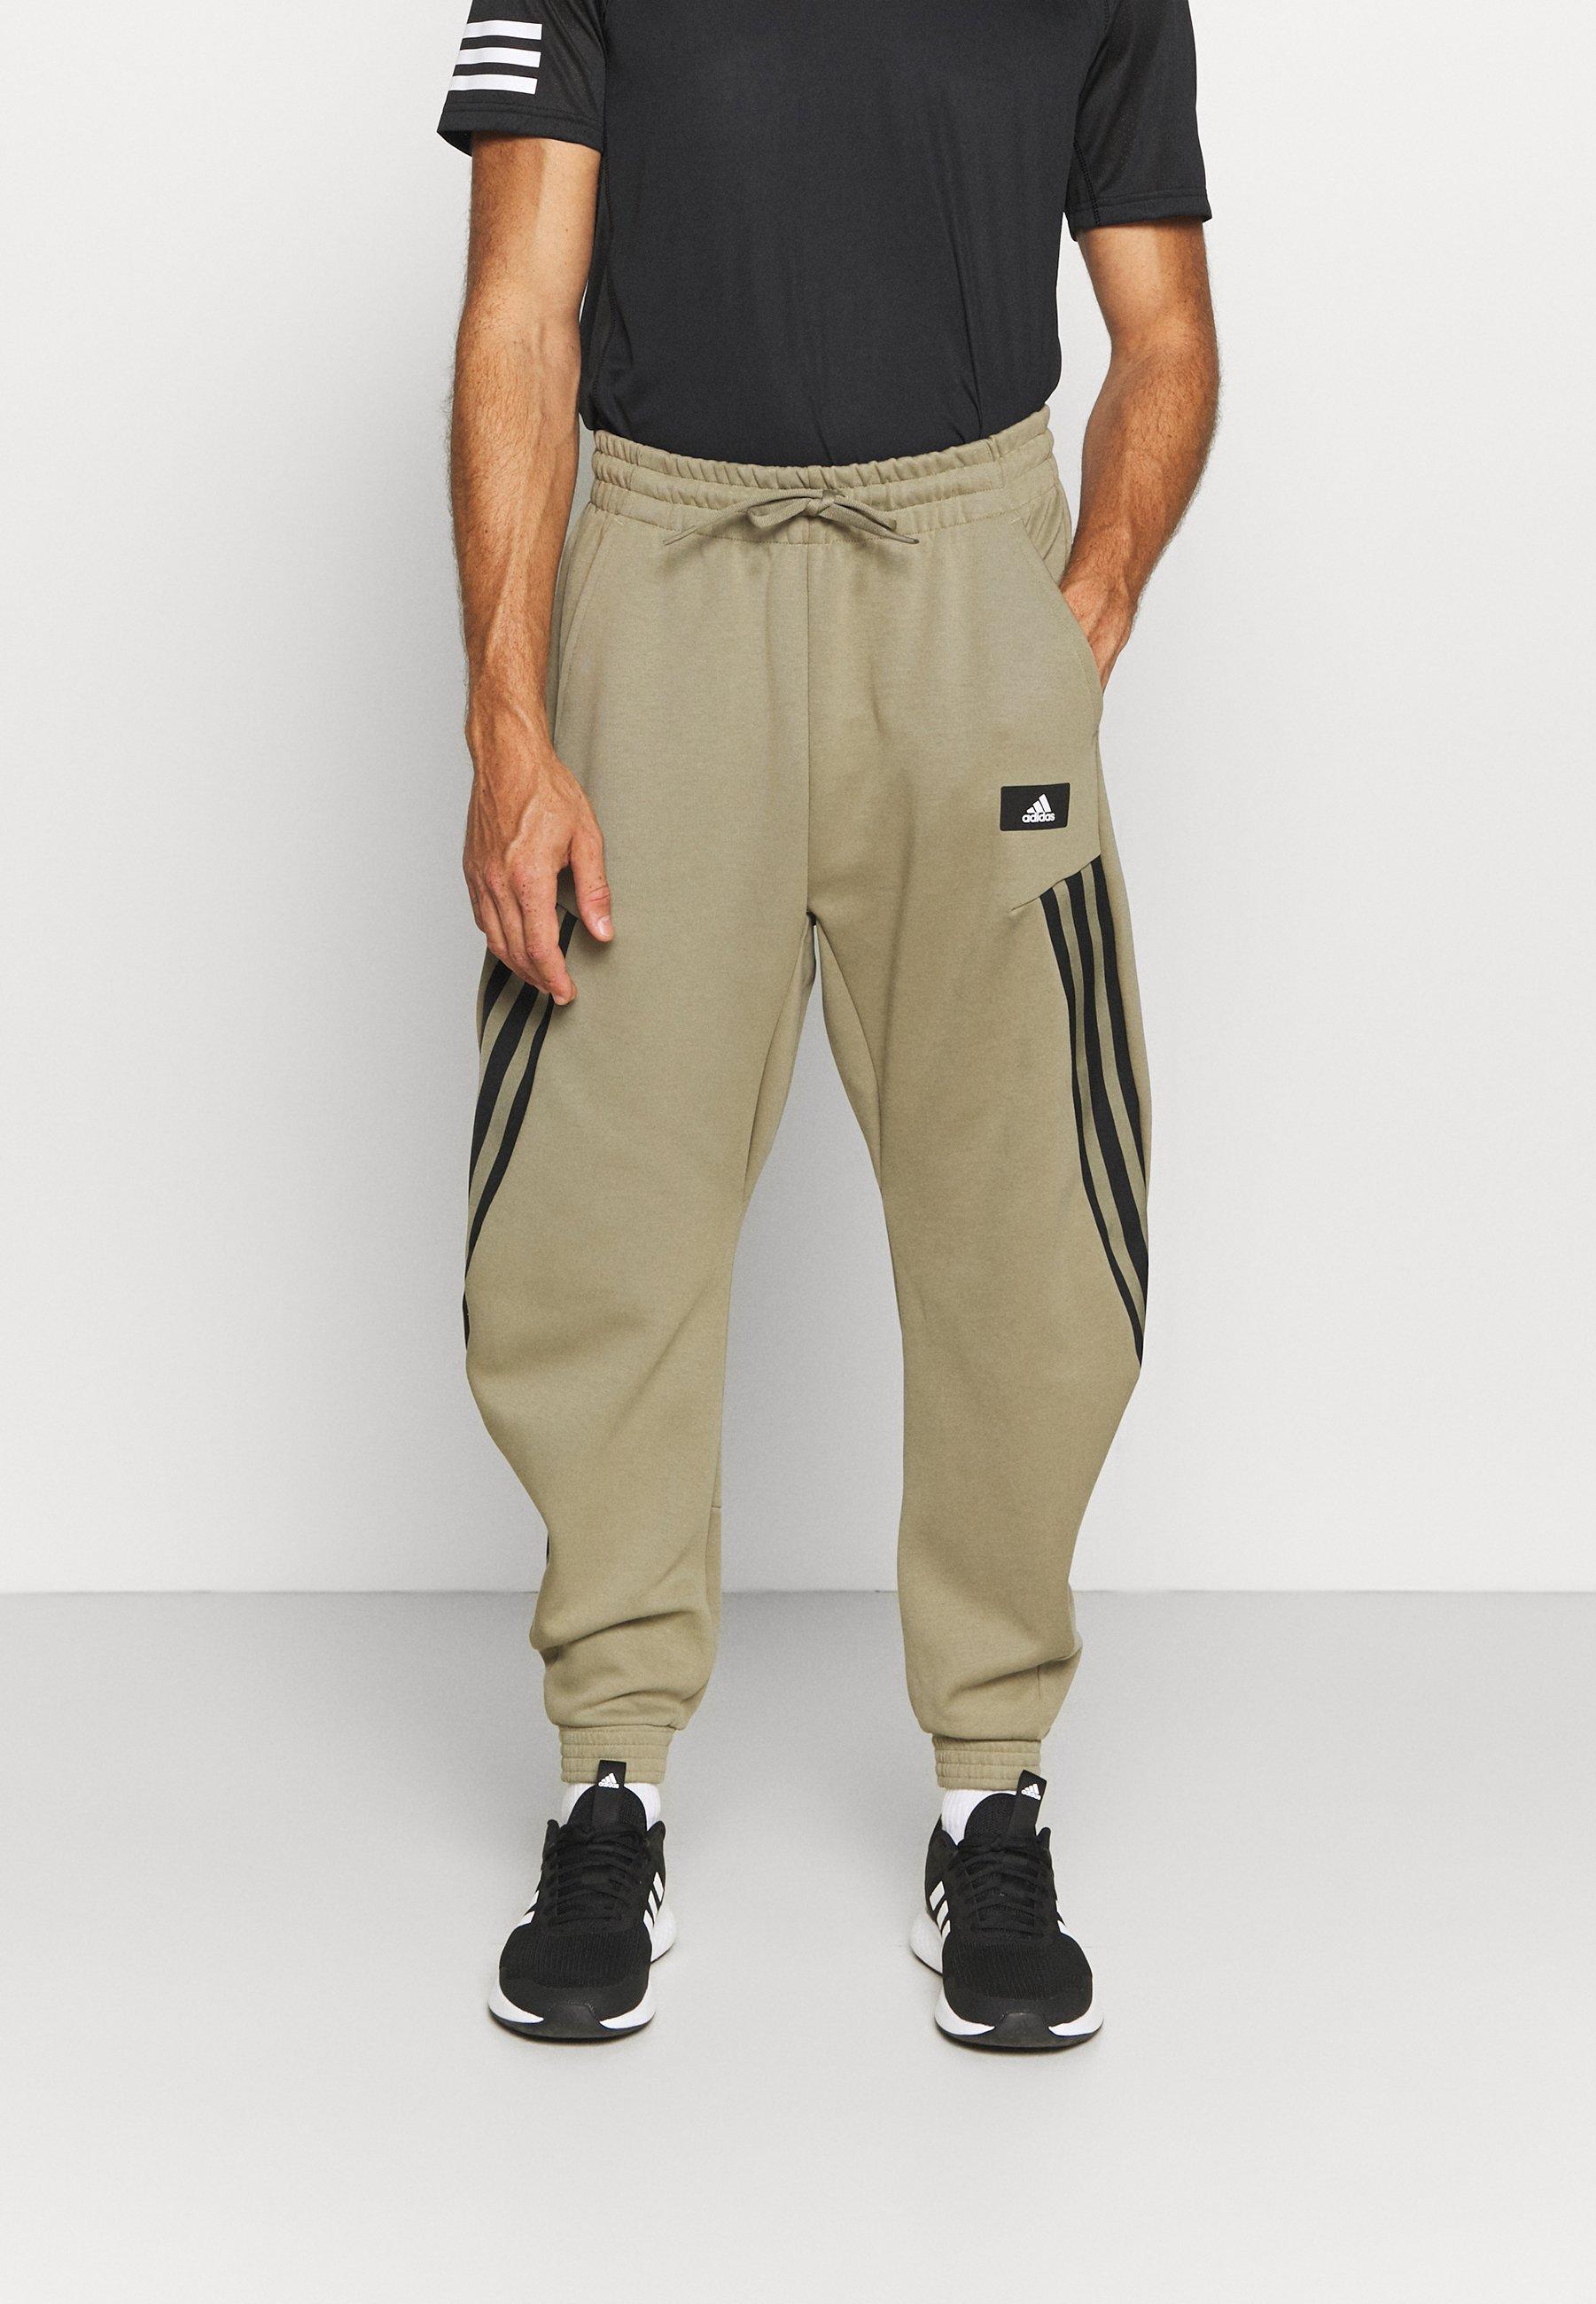 Homme 3-STRIPES O-PANT FUTURE ICONS - Pantalon de survêtement